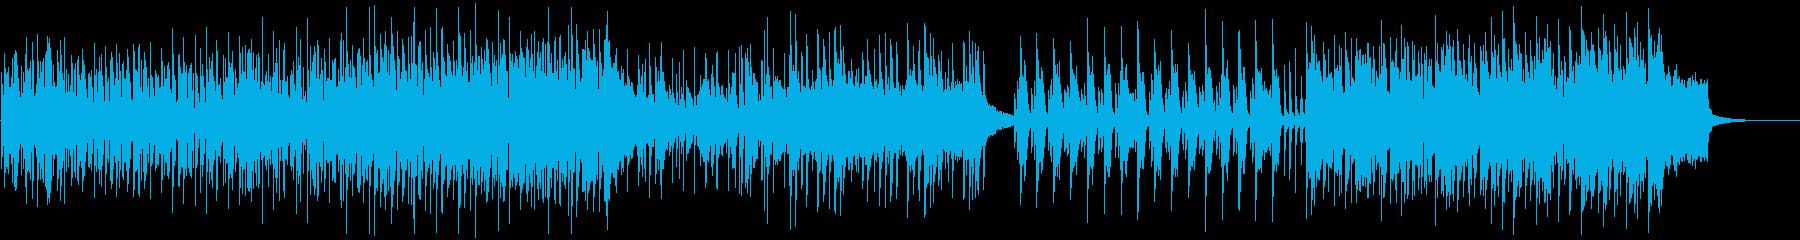 キラキラとシンセが都会的なEDMポップスの再生済みの波形